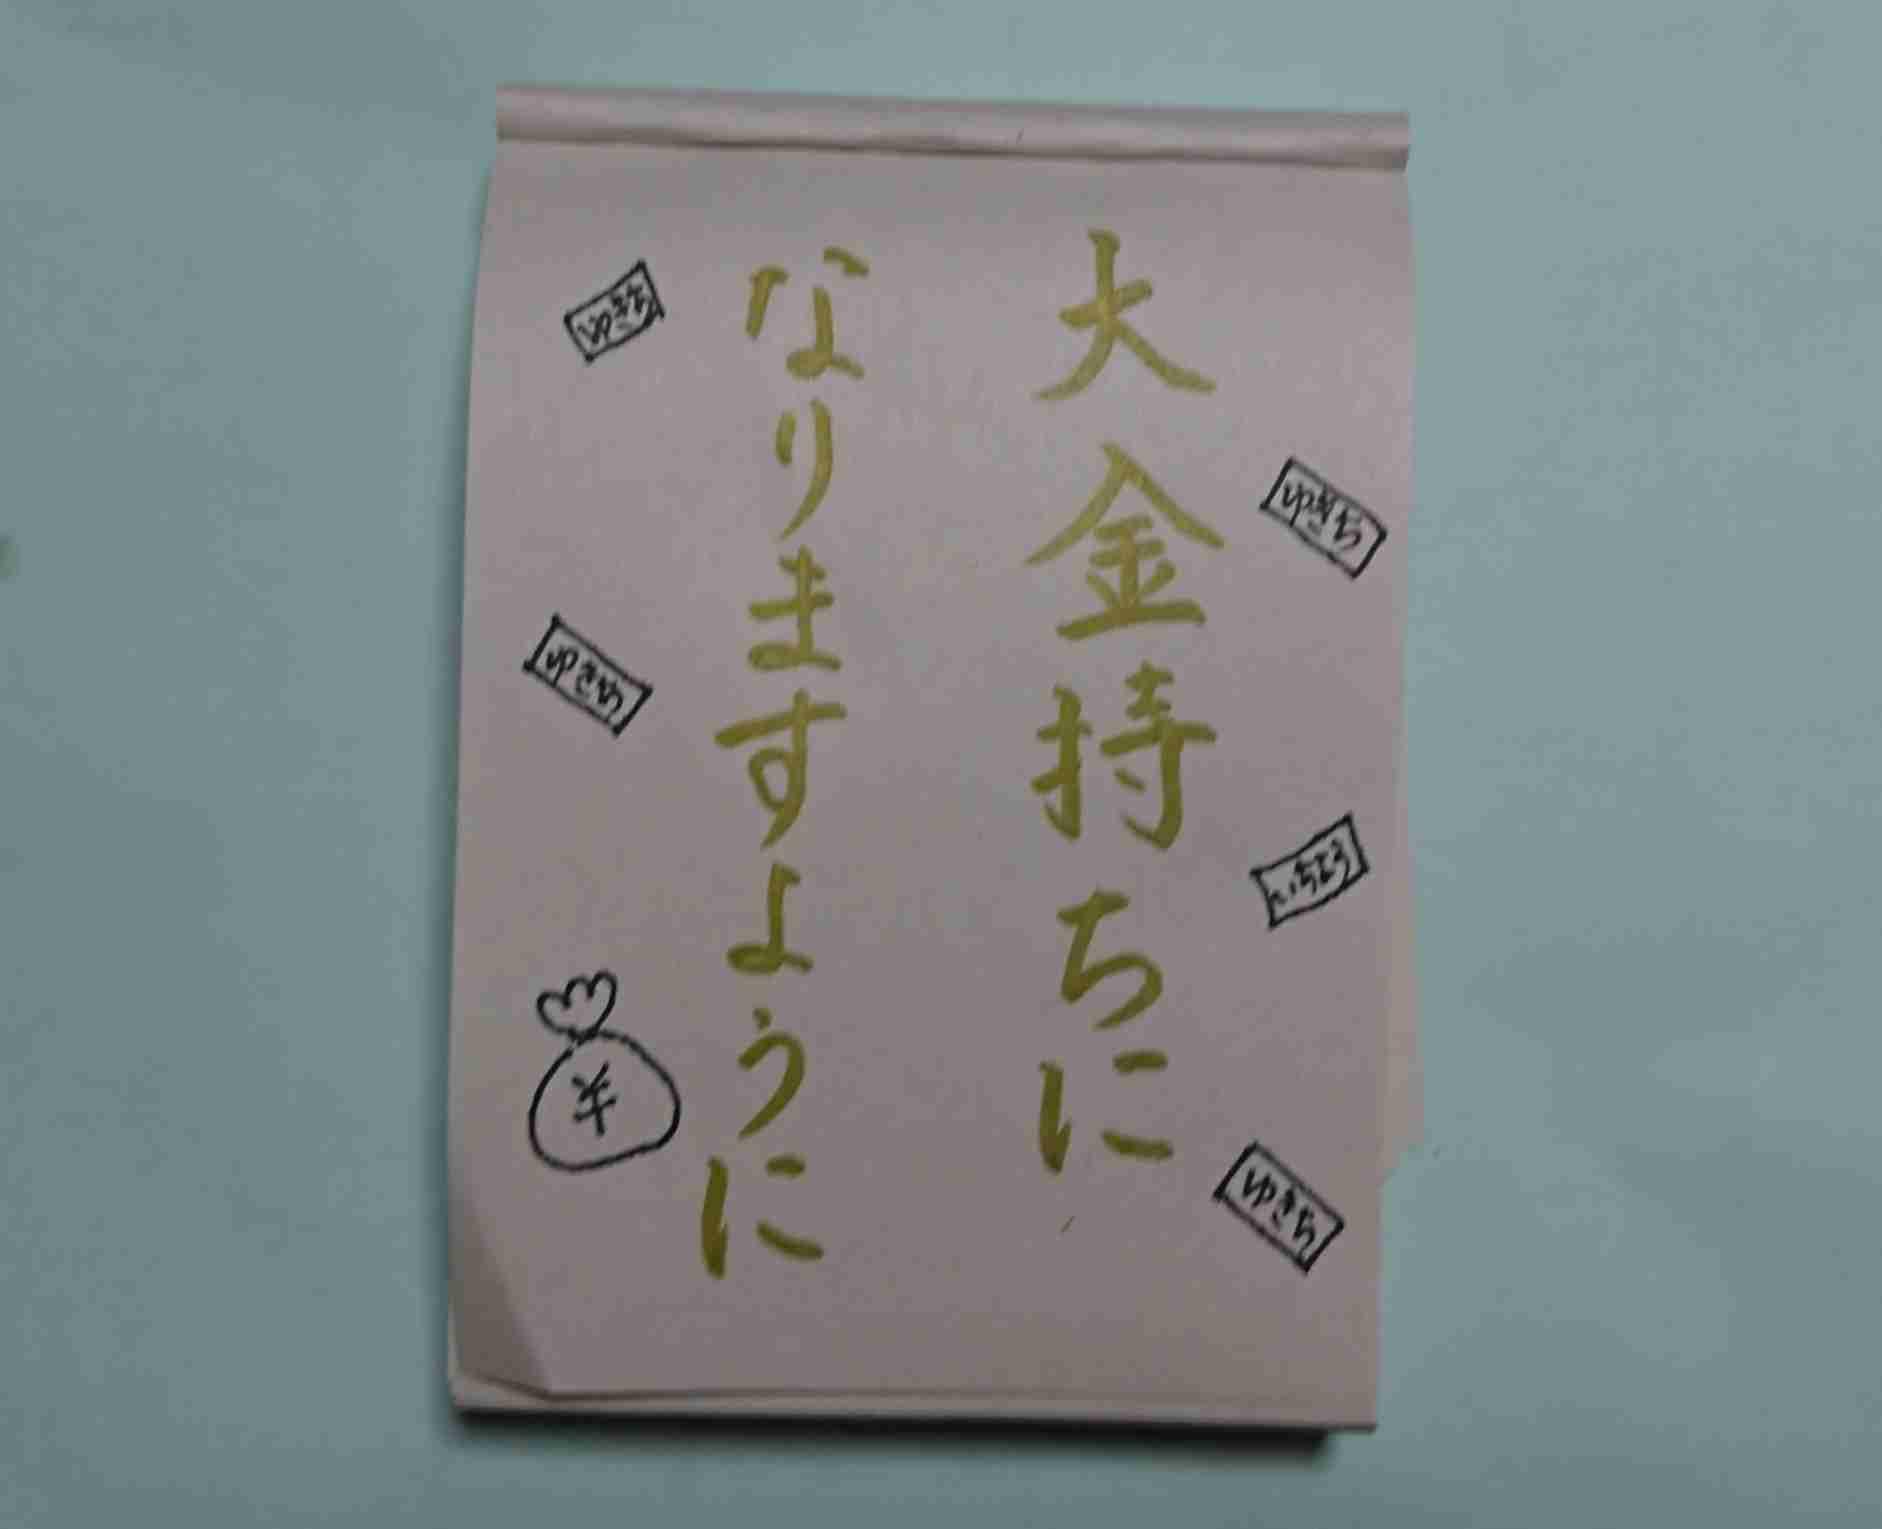 七夕のお願いを手書きで書いてみませんか?